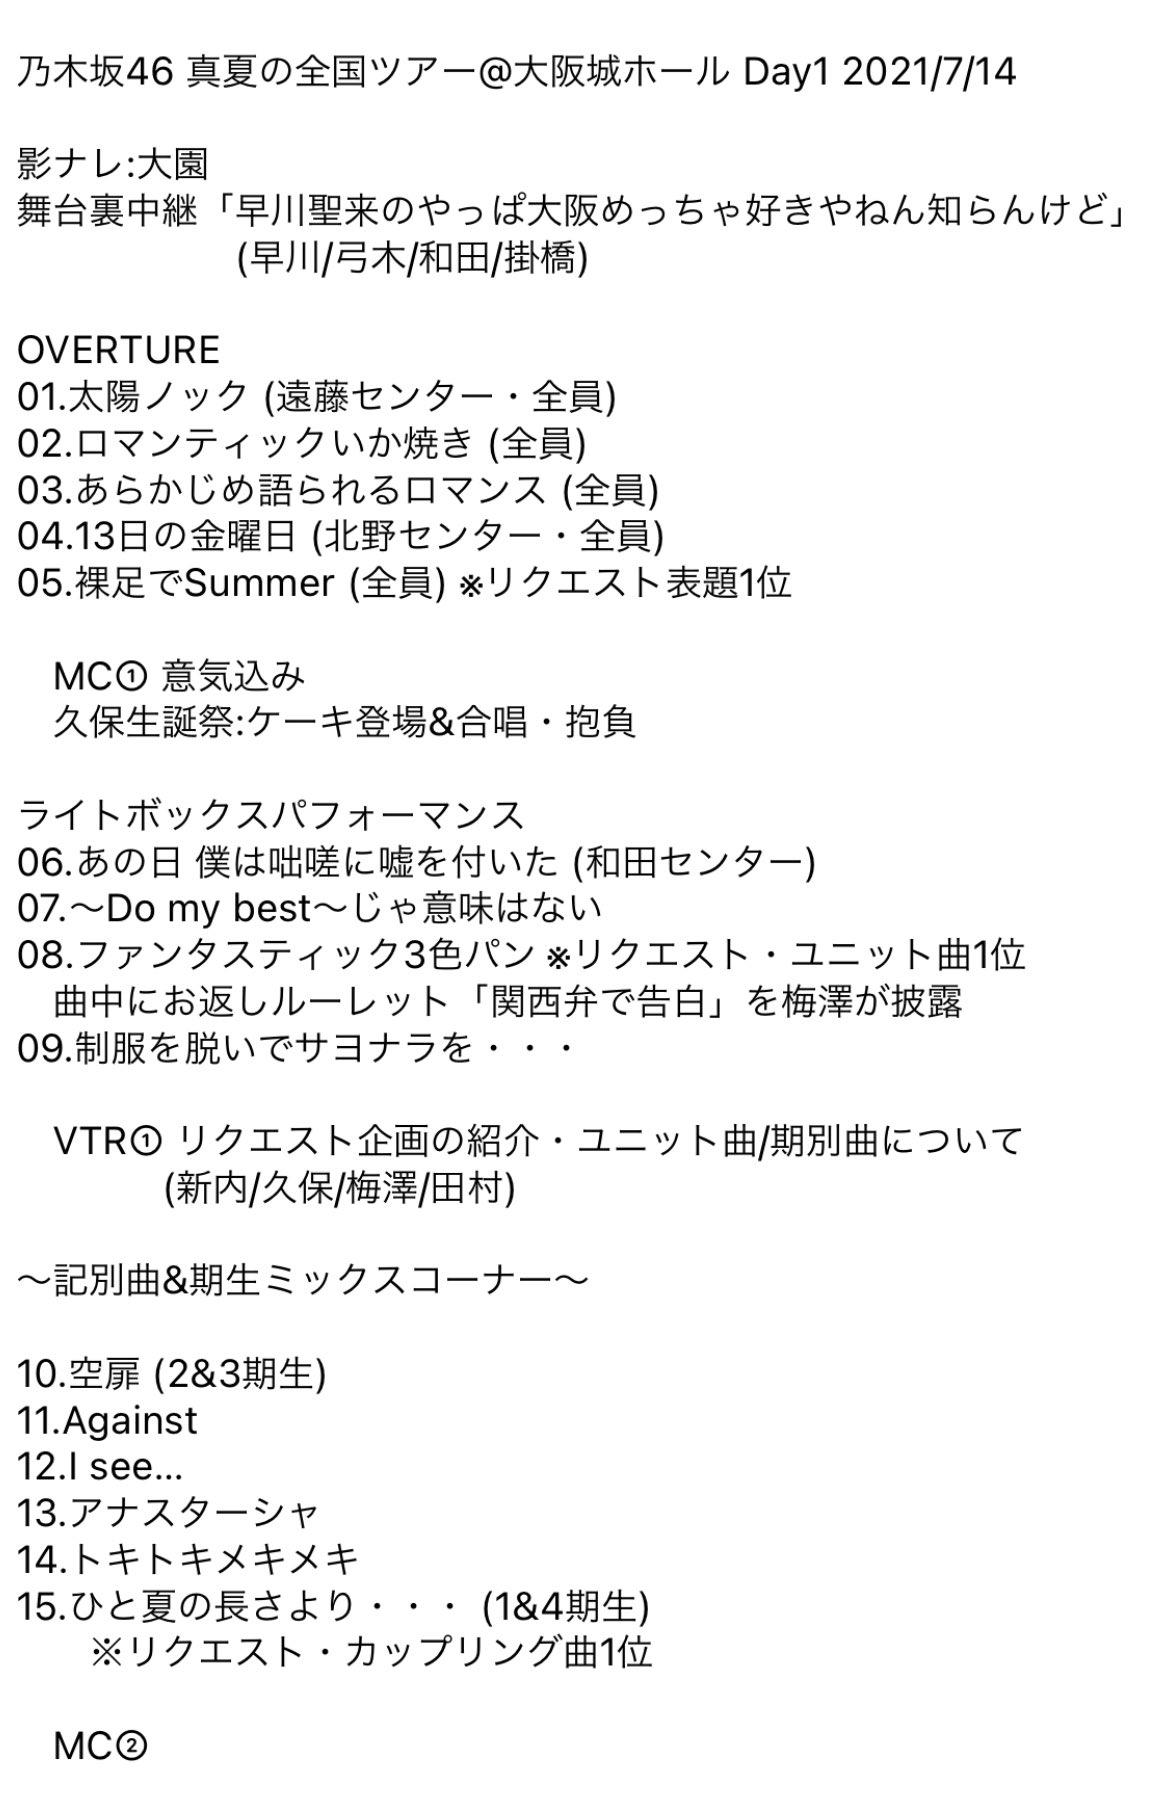 乃木坂46「真夏の全国ツアー2021」大阪公演1日目セットリスト